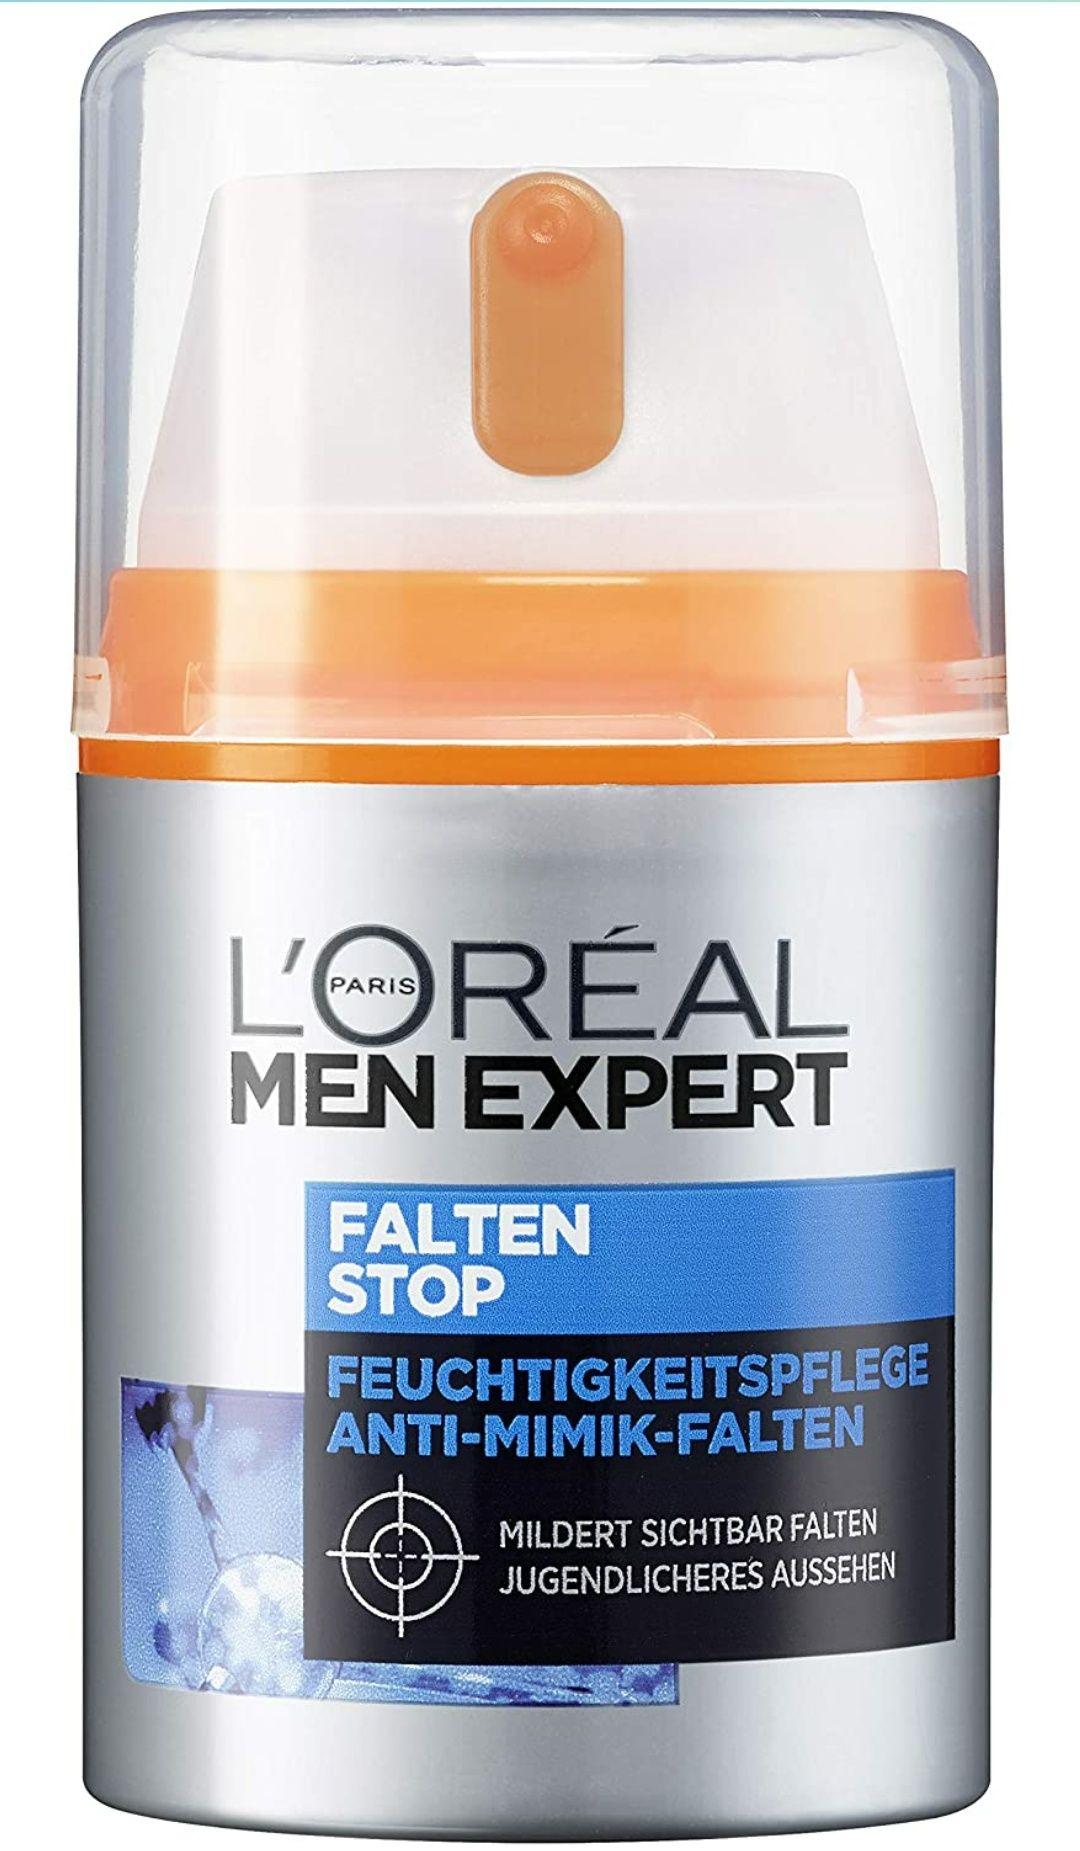 (Prime Day) L'Oréal Men Expert Gesichtspflege gegen Falten - Anti-Aging Feuchtigkeitscreme - 1,99 Euro pro Stück beim Kauf von 4 Packungen